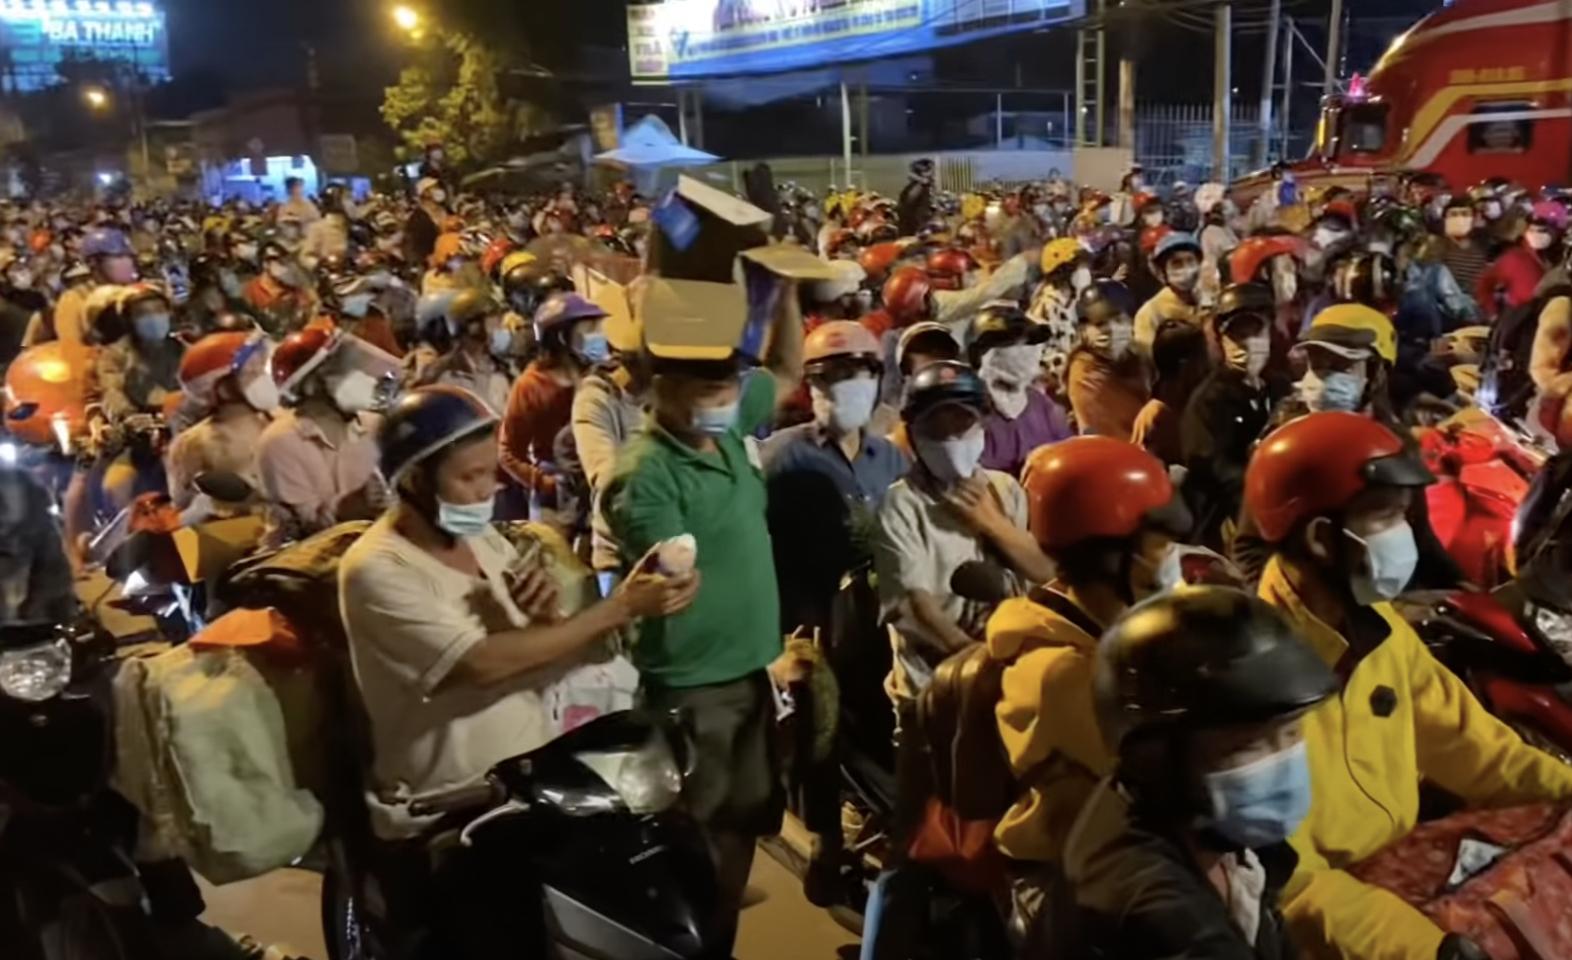 Một người tốt bụng phát nước miễn phí cho người dân về quê nhưng bị chặn lại tại cửa ngõ giáp Long An sau khi TP. HCM nới lỏng giãn cách xã hội và tháo dỡ các chốt kiểm soát liên quận. (Ảnh chụp màn hình Saigon Now)